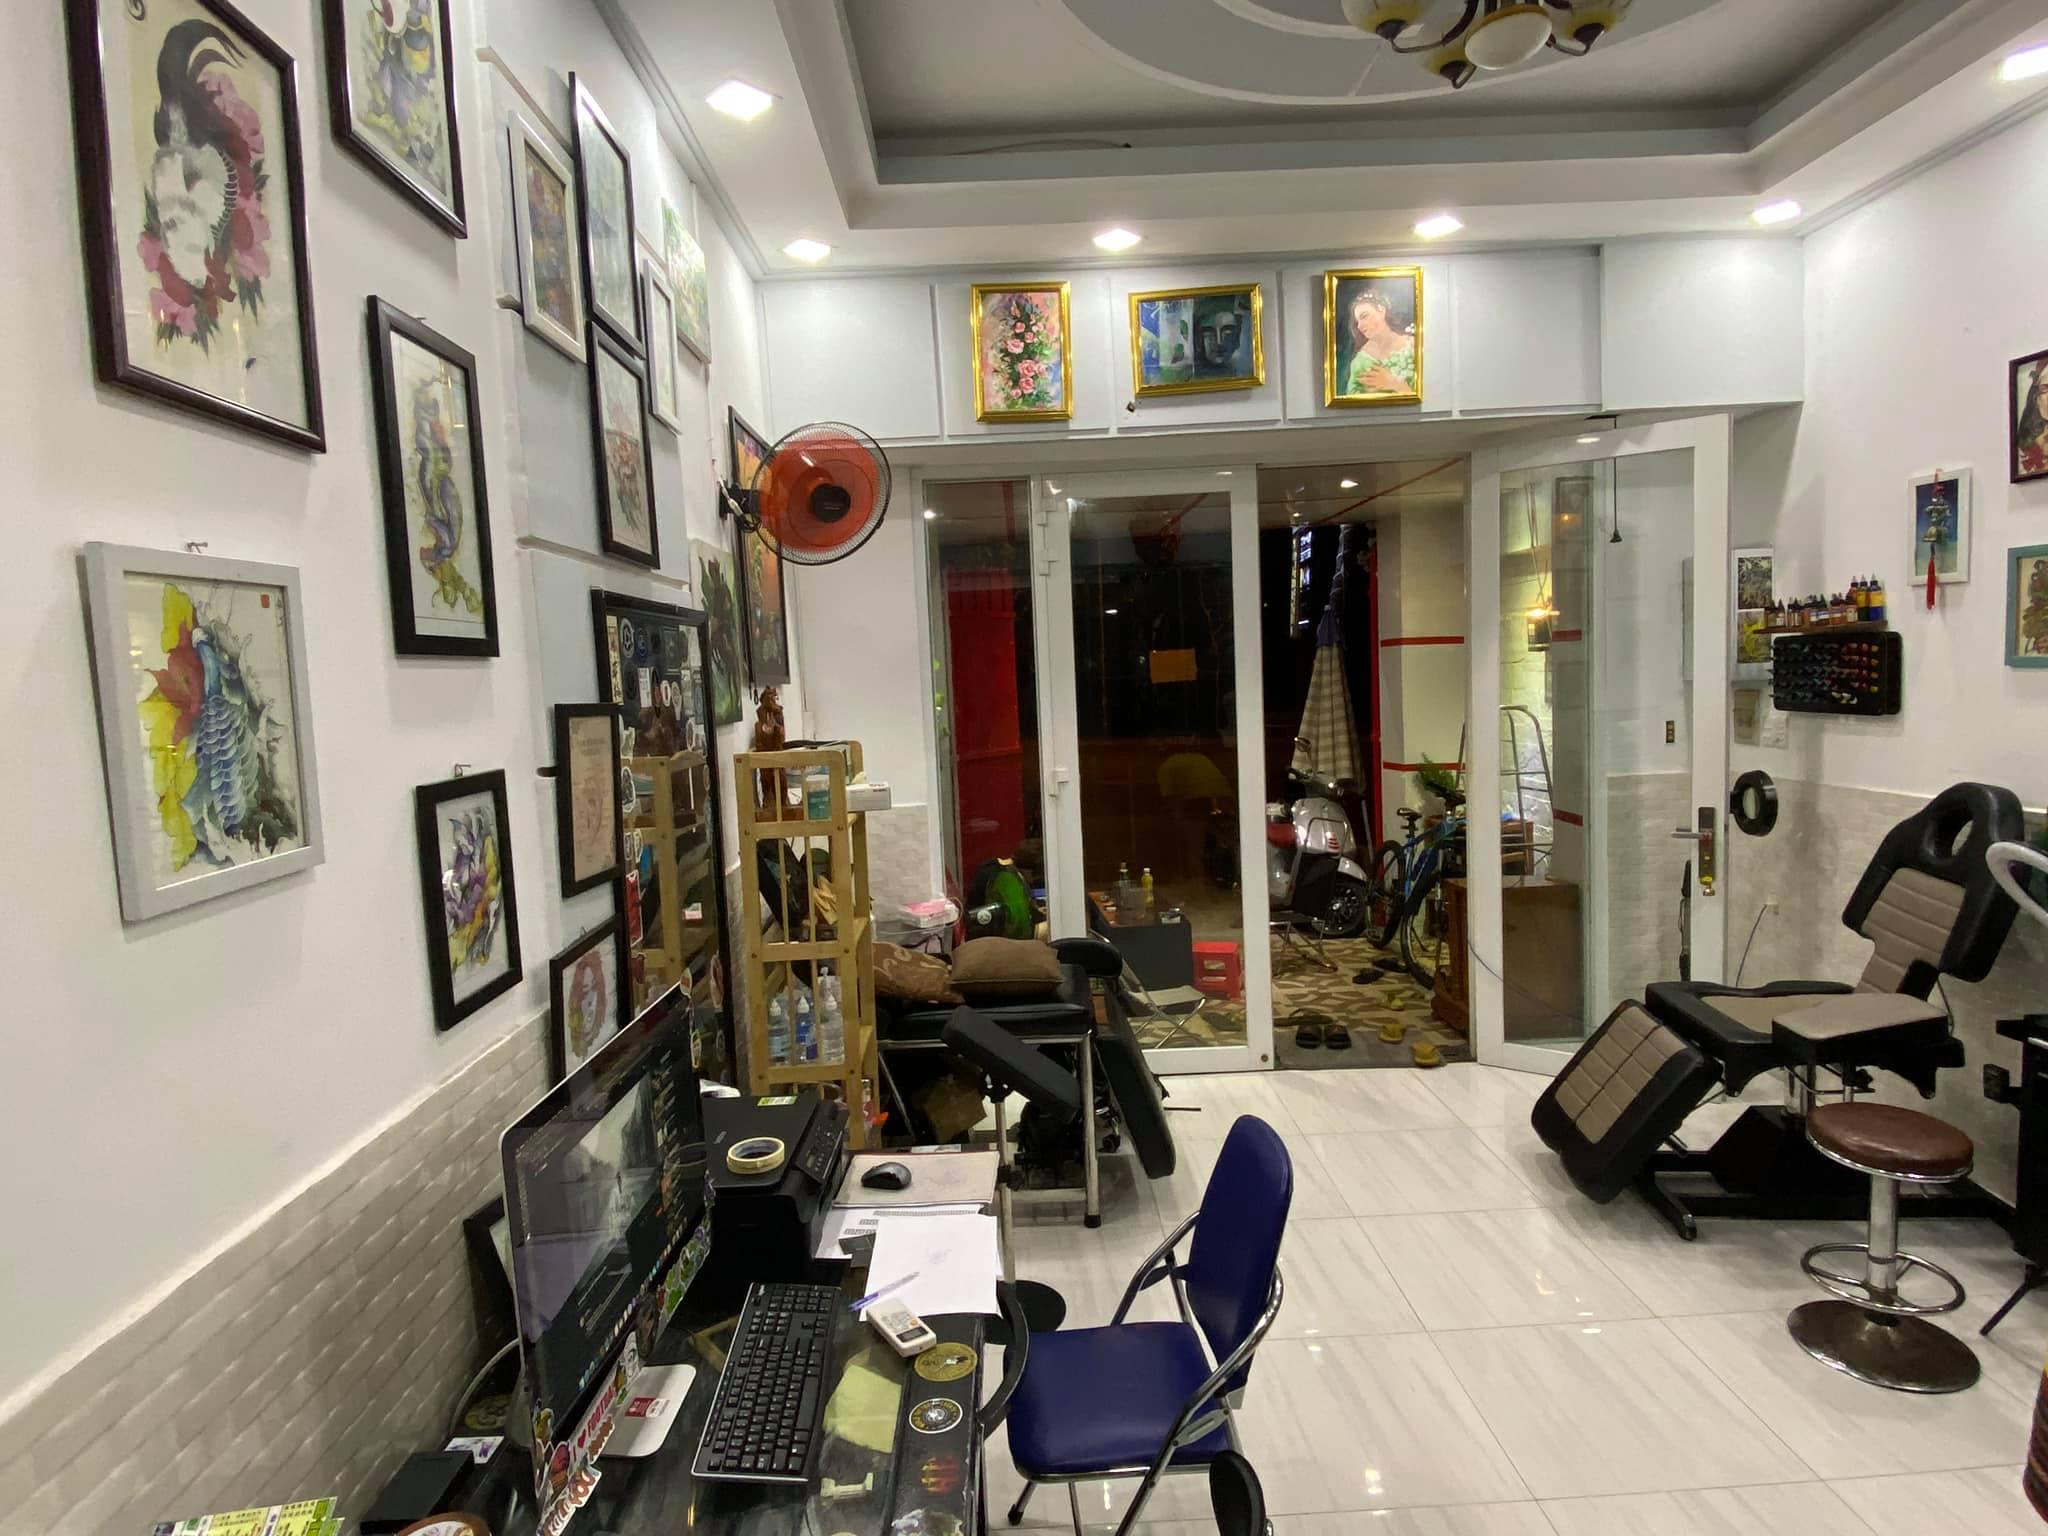 Toàn bộ không gian bên trong tại tiệm xăm quận 7 Micae Tattoo & Piercing Sài Gòn